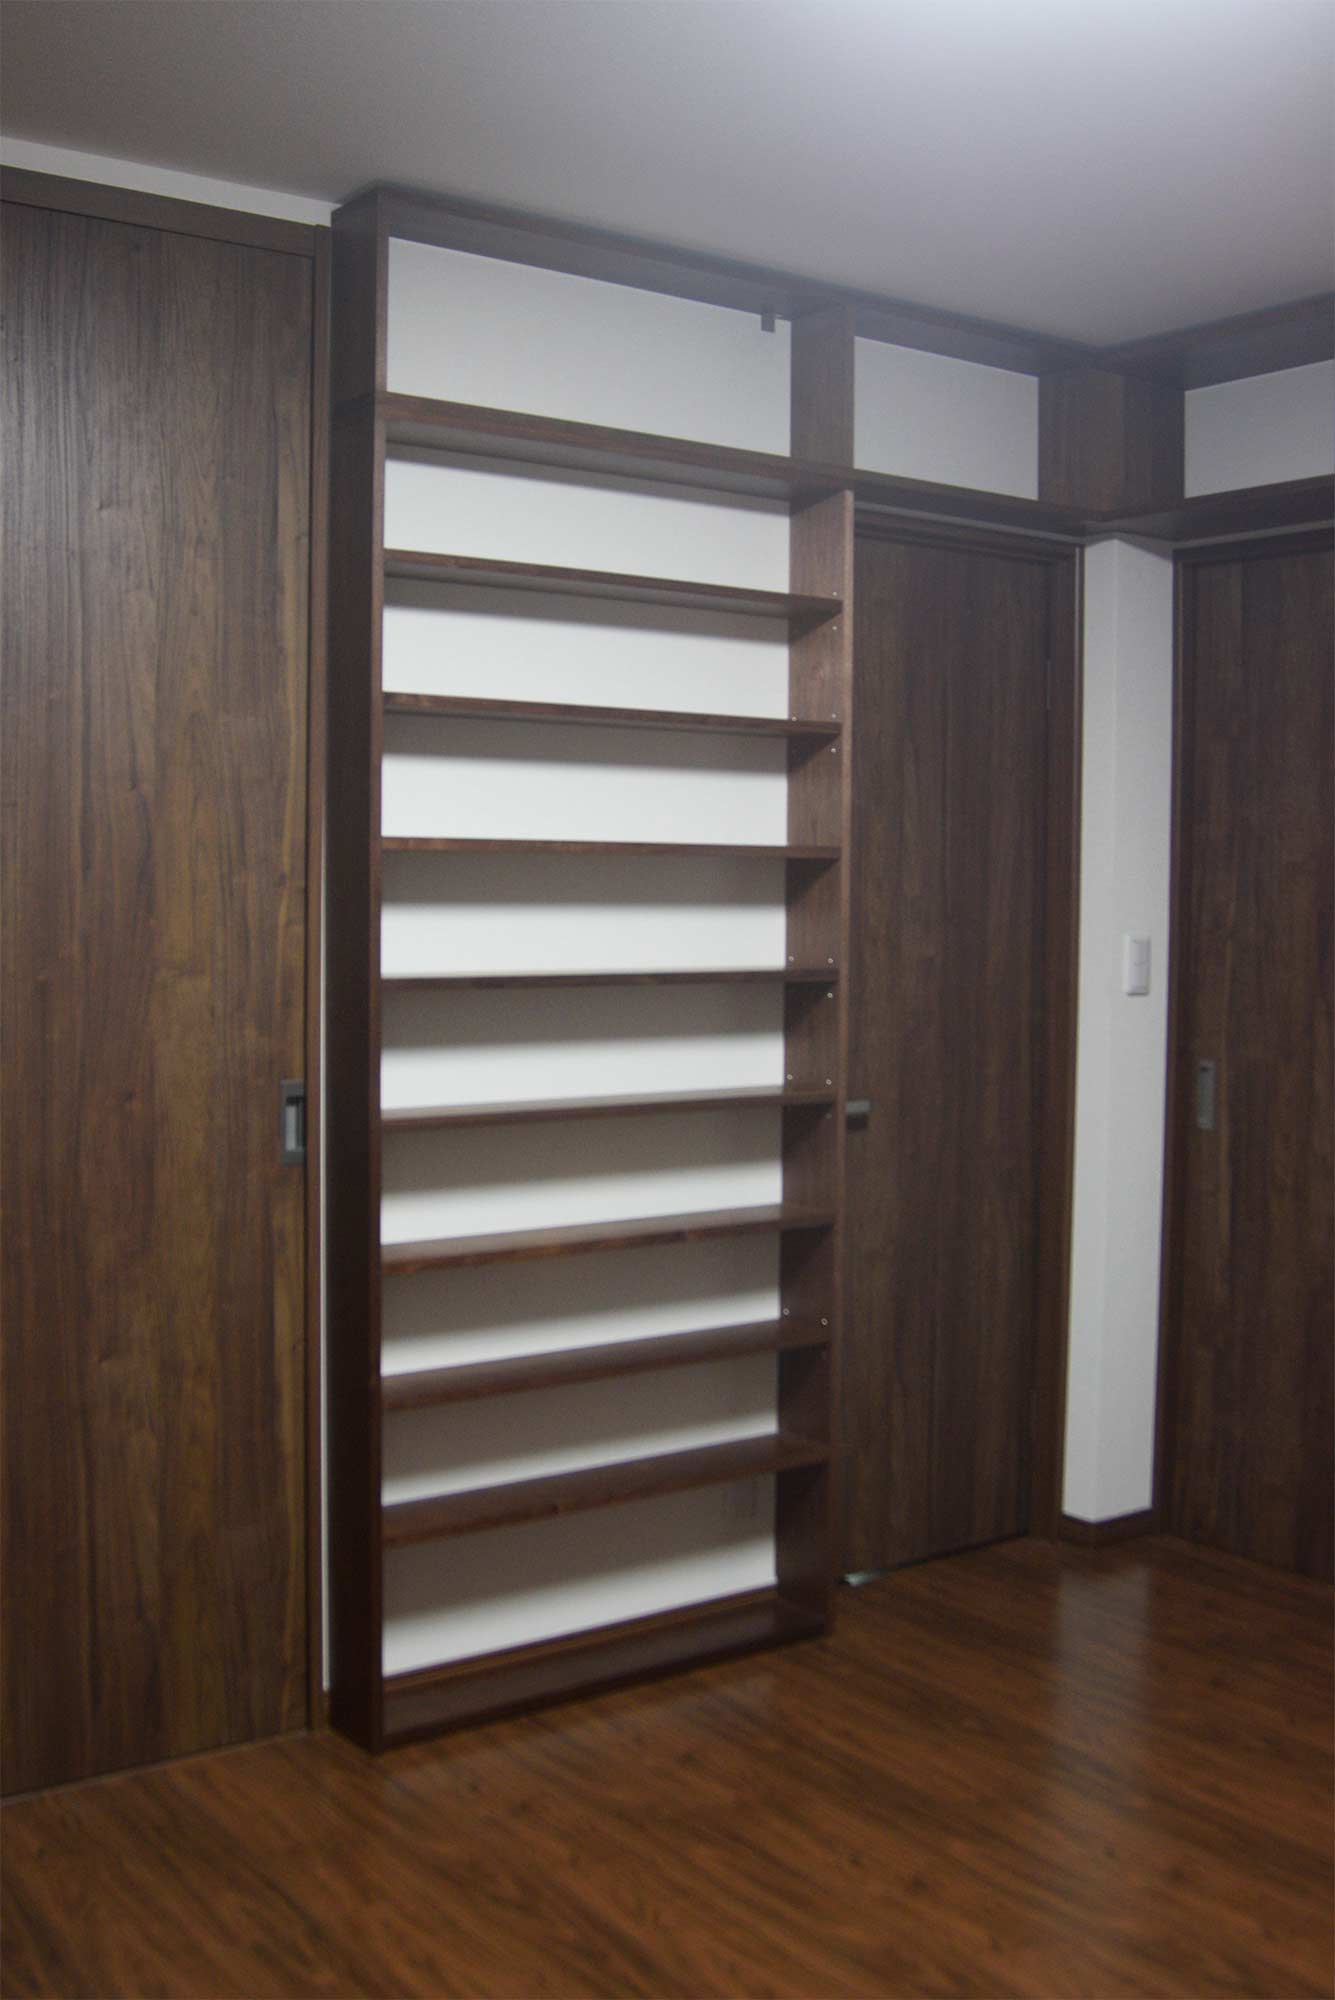 文庫や単行本をたっぷり収納できるTANA本棚